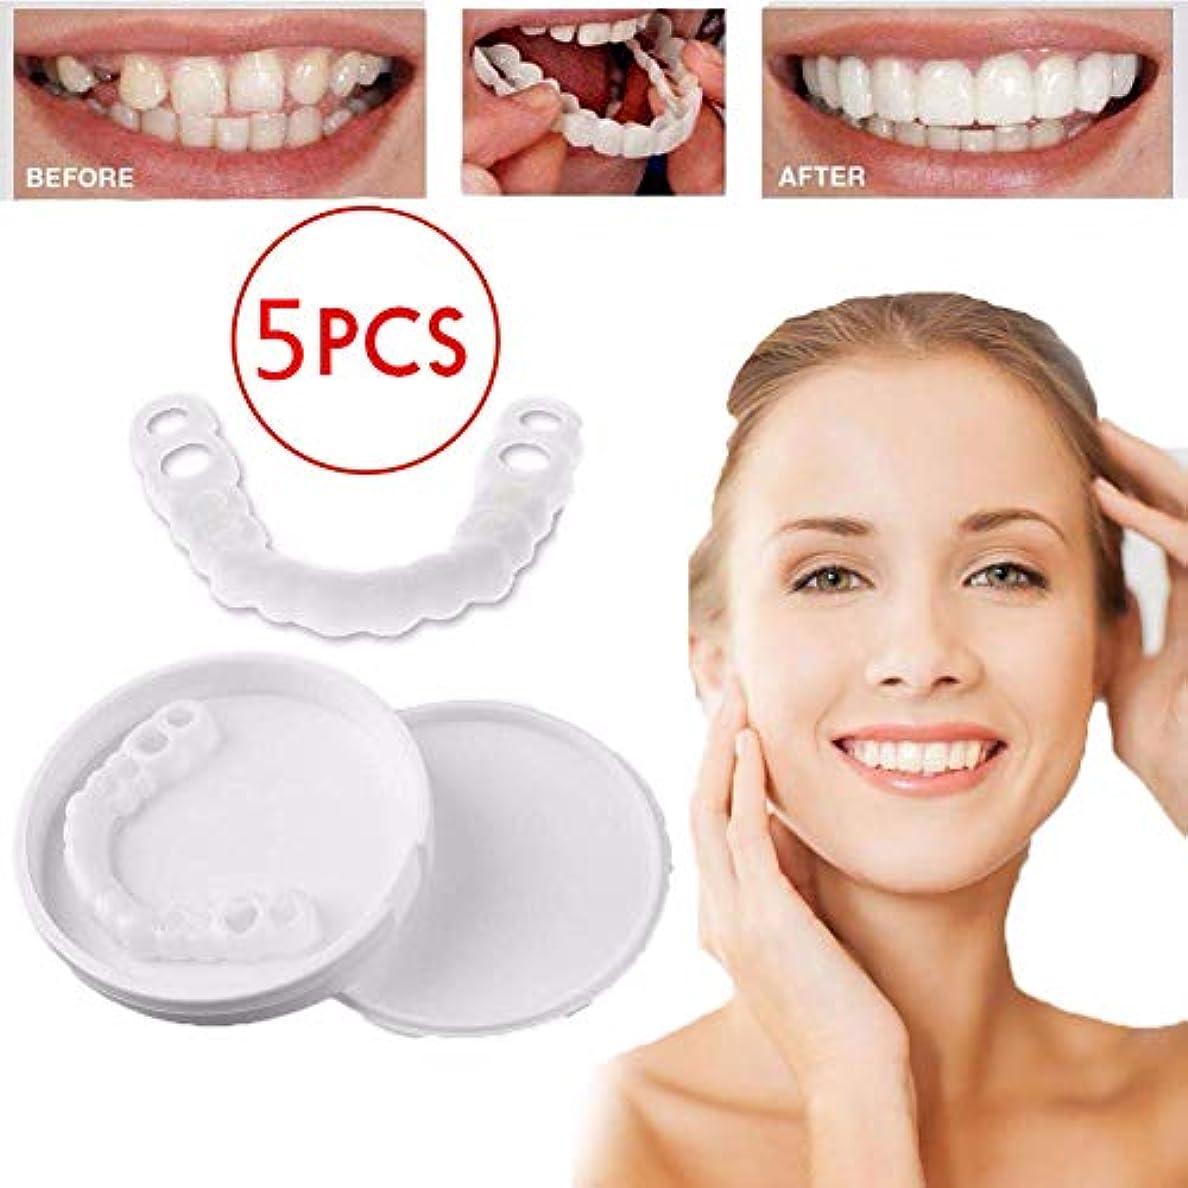 面積タクシー寄付するインスタント快適なフレックスパーフェクトベニアの歯のスナップキャップを白くする6個の一時的な歯,5pcslowerteeth